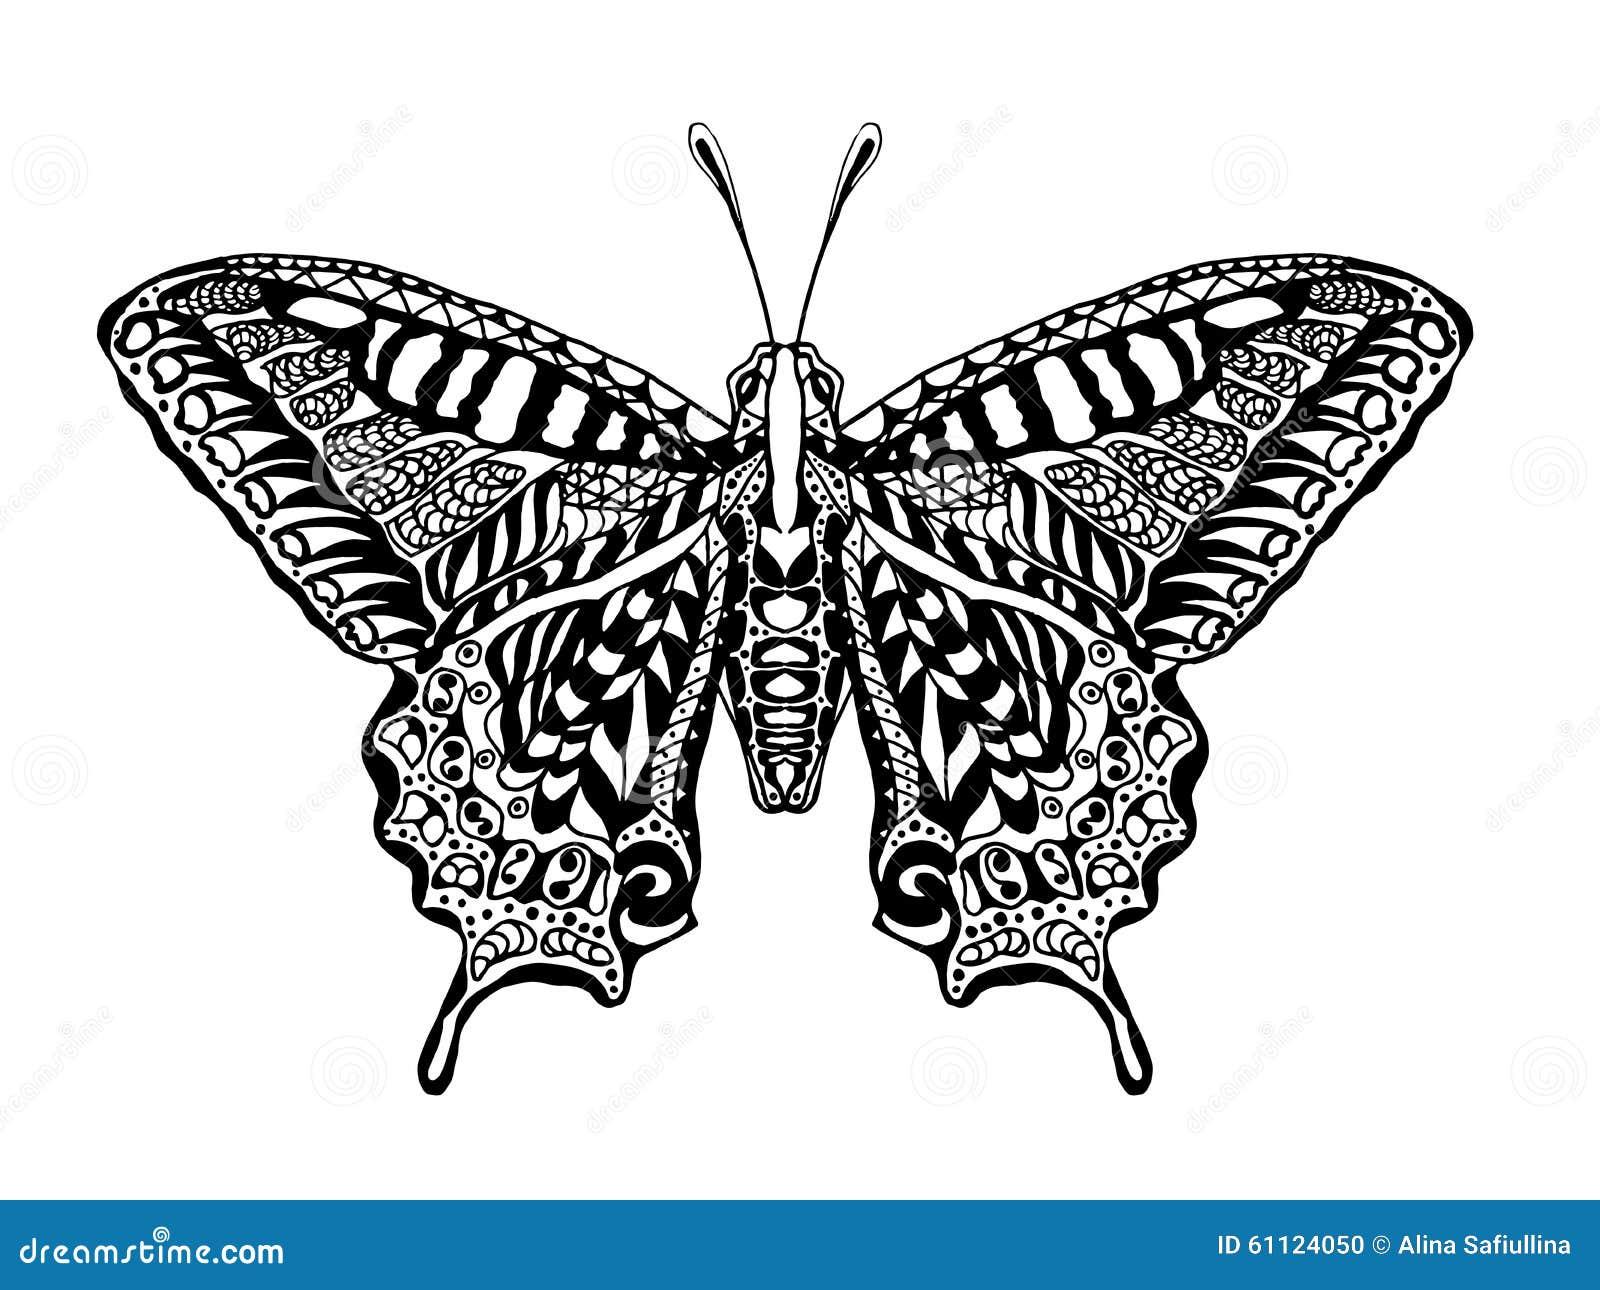 Zentangle Stylized Butterfly Stock Illustration Image